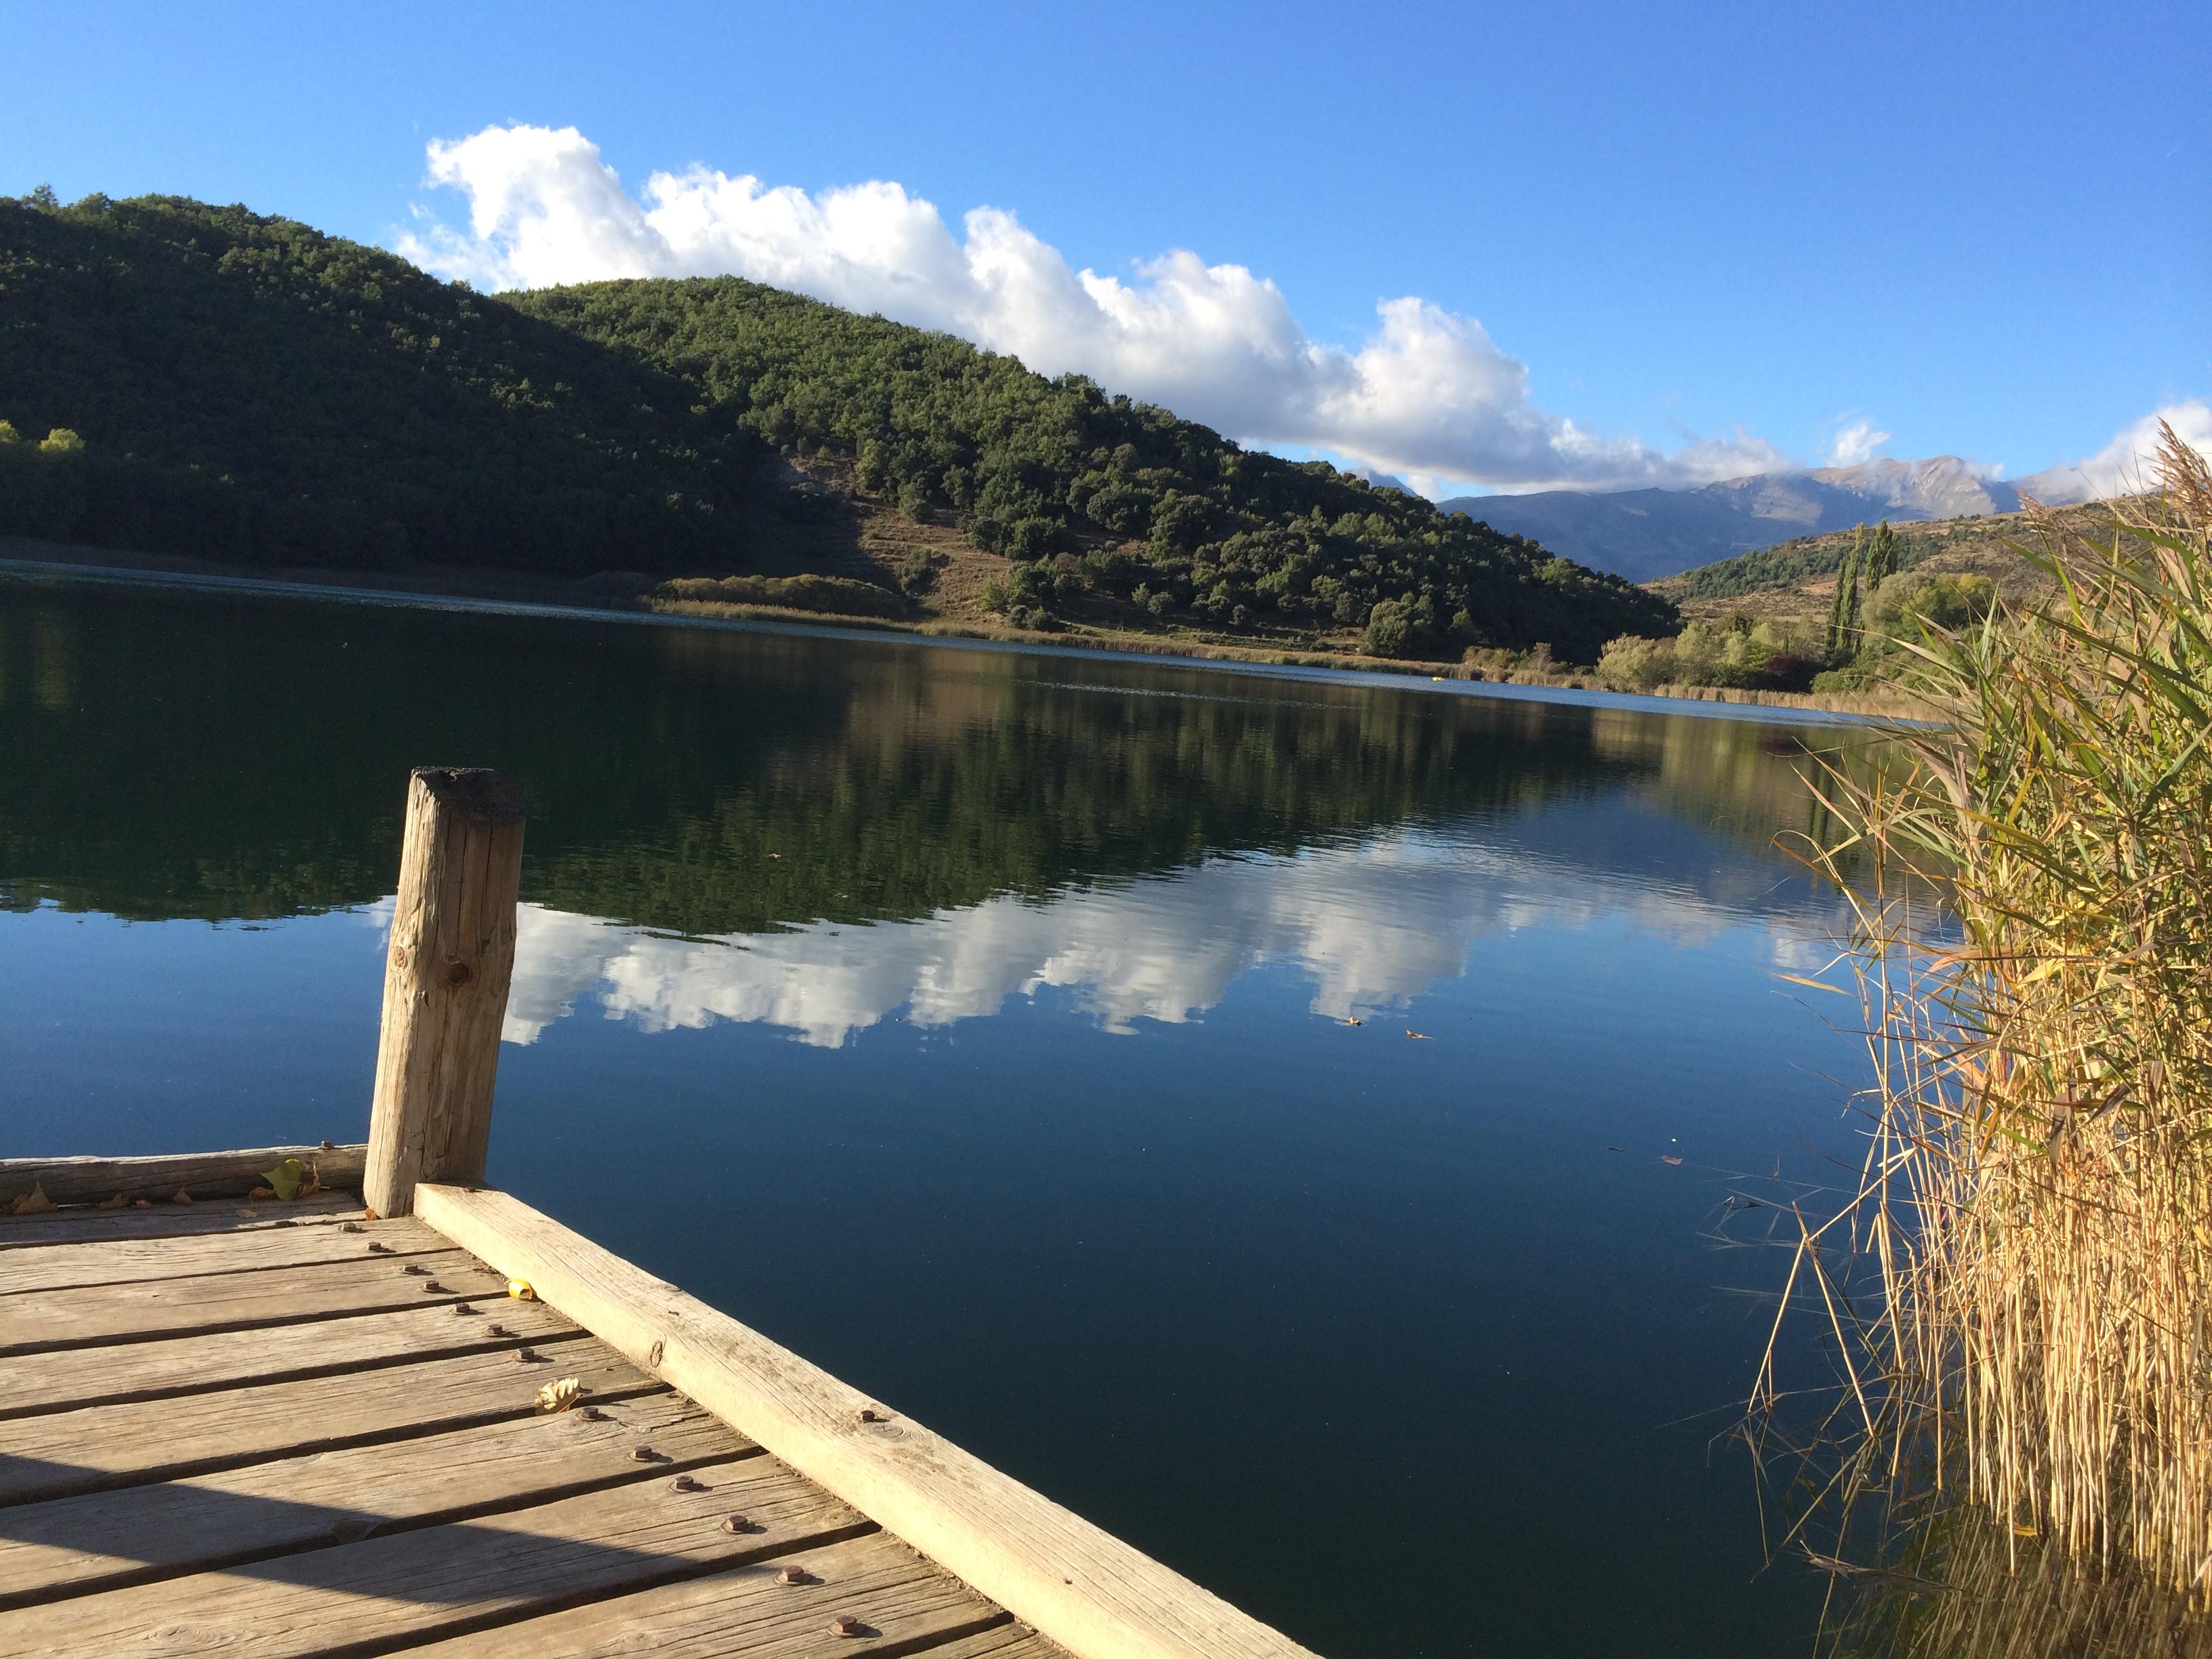 El Cinquè Llac - La cinquième étendue d'eau de la route des lacs.